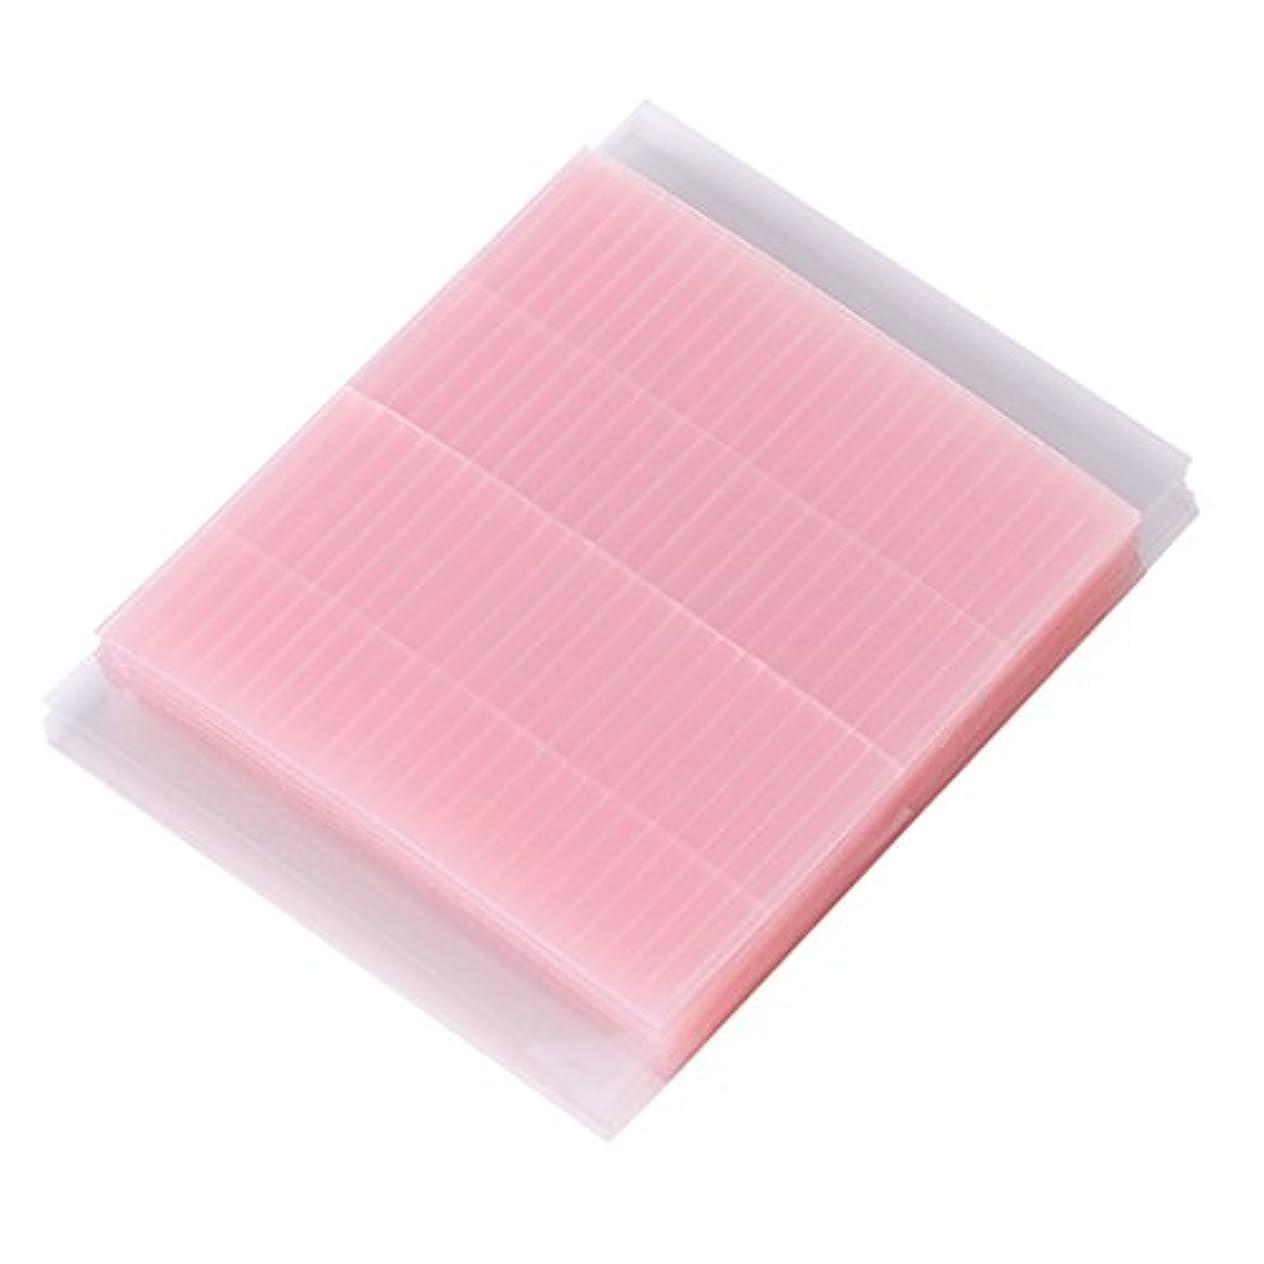 姓サンダル雇ったLamdoo 50ピース見えない繊維二重まぶたの粘着ステッカーテープ技術的なアイテープ